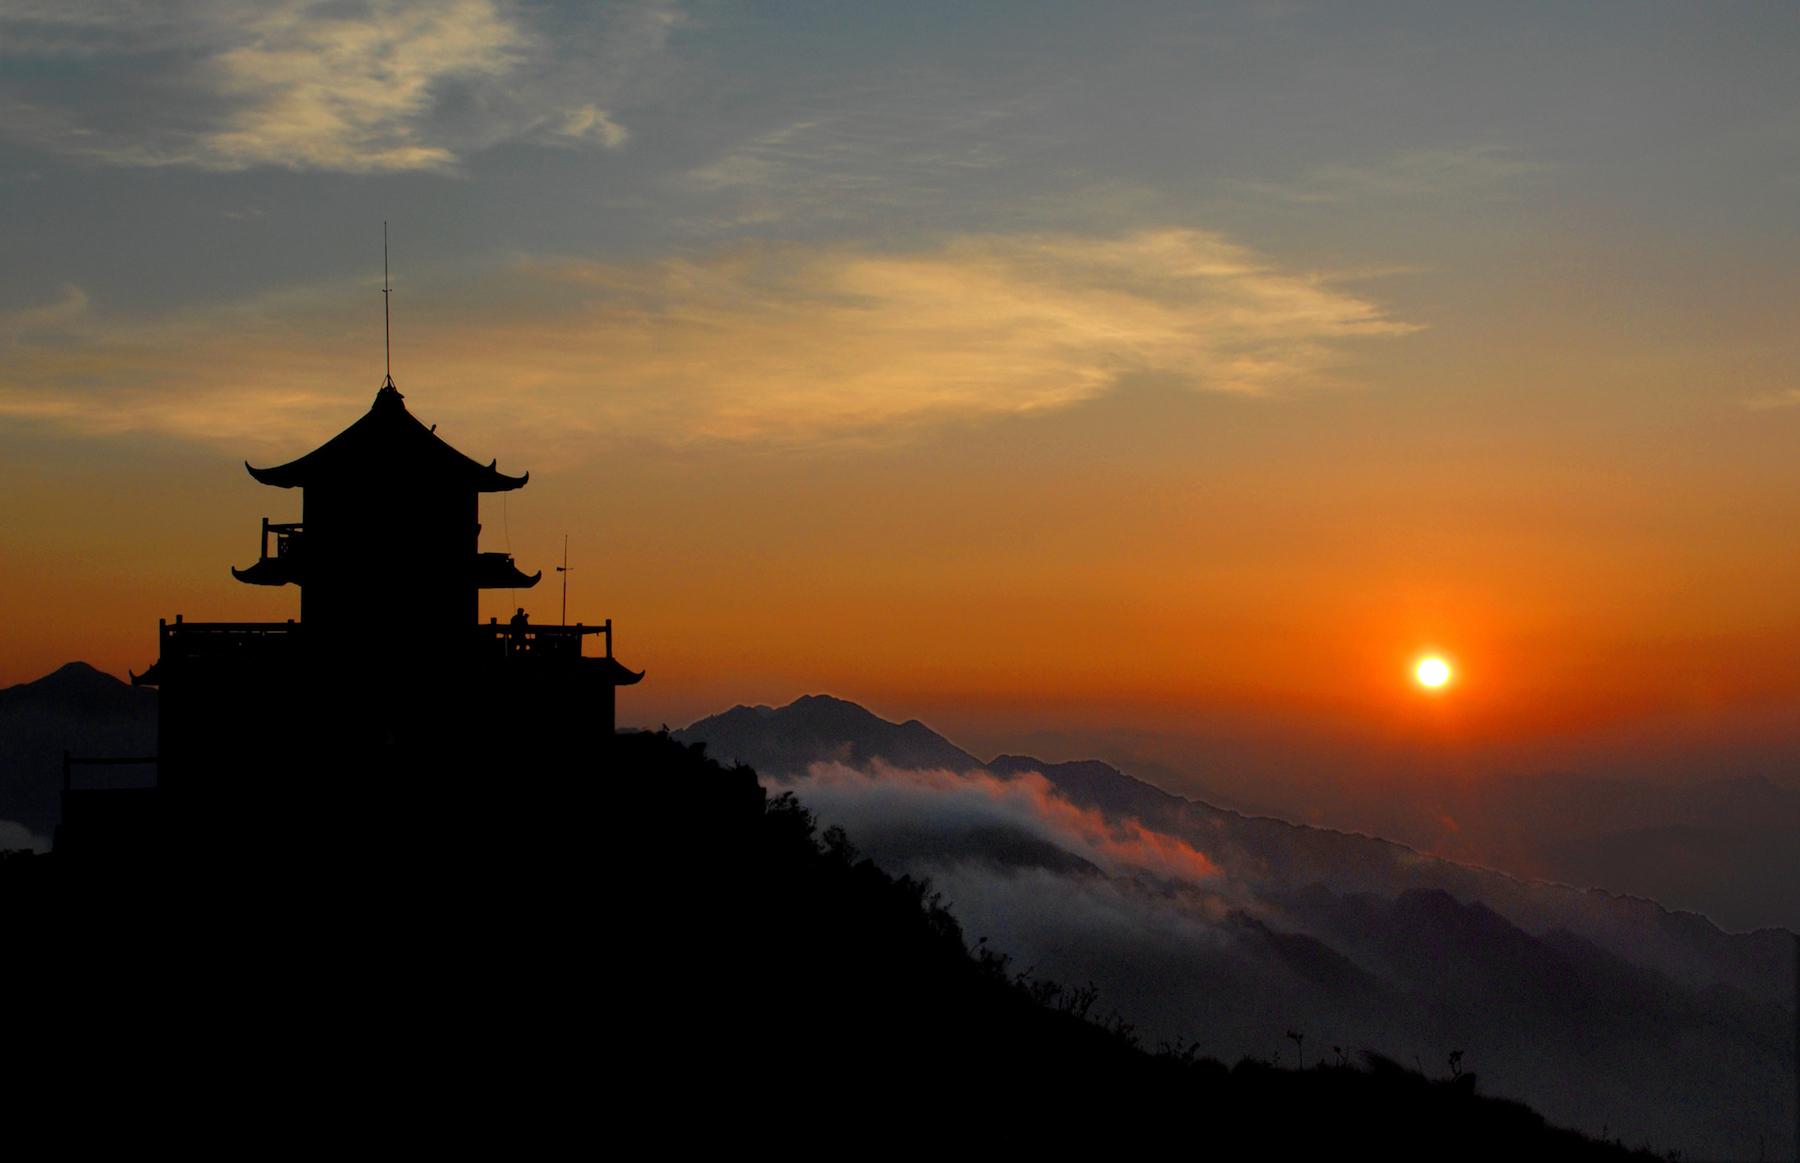 八面山钟鼓楼,八面山是国家级自然保护区风景区